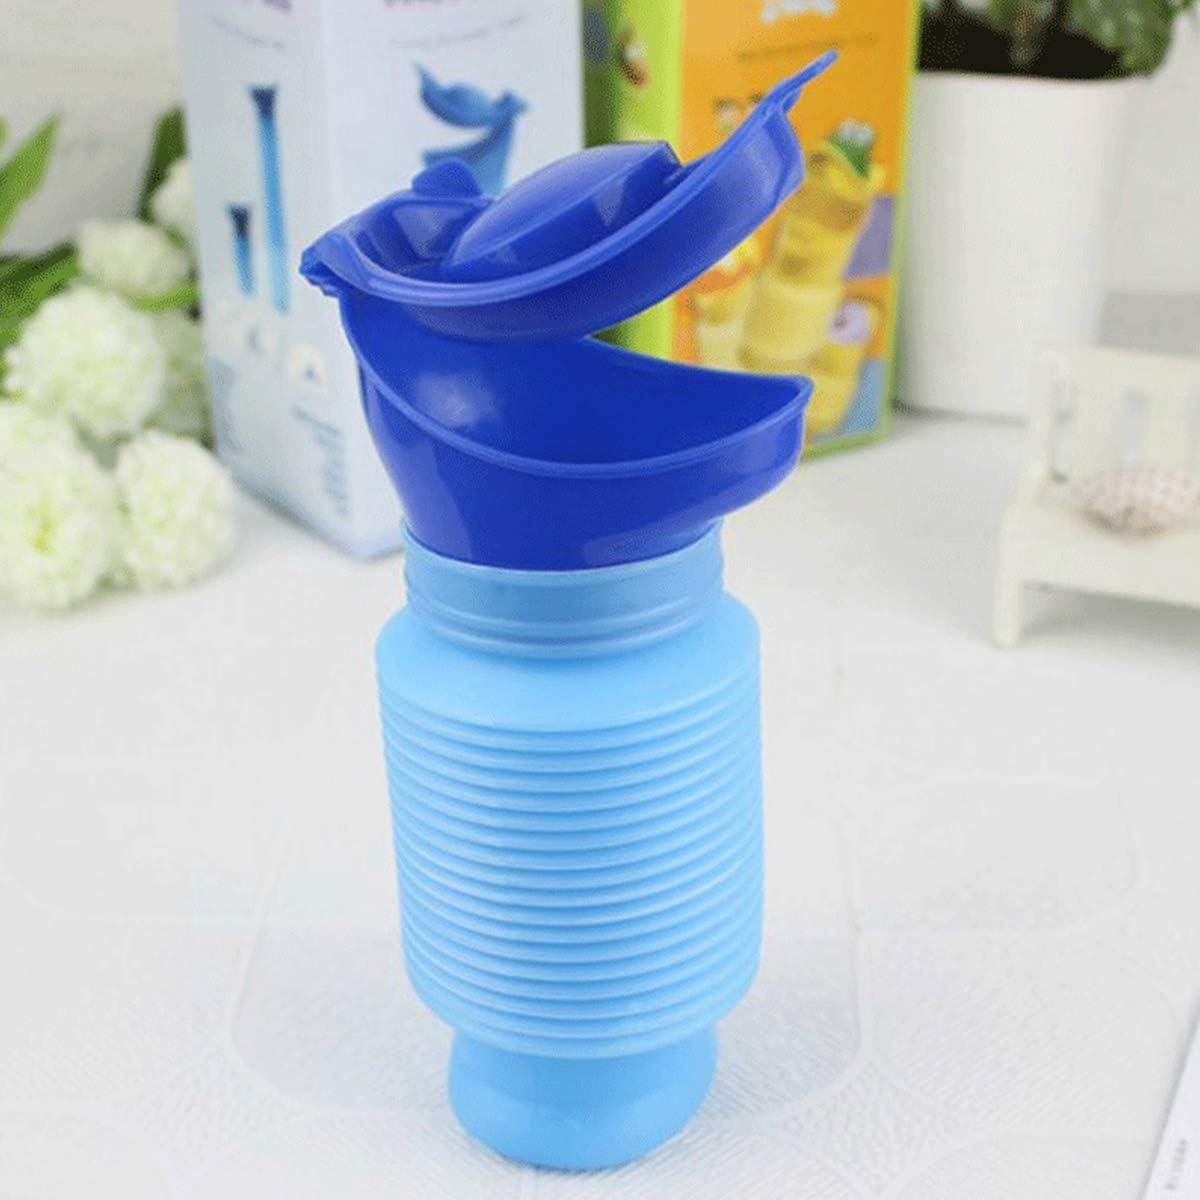 Rose Urinoir de Pot B/éb/é Enfant Portable Tasse de Formation de Pipi R/éutilisable de Bouteille de Pipi Durinoir durgence de Toilette Mobile pour Le Voyage en